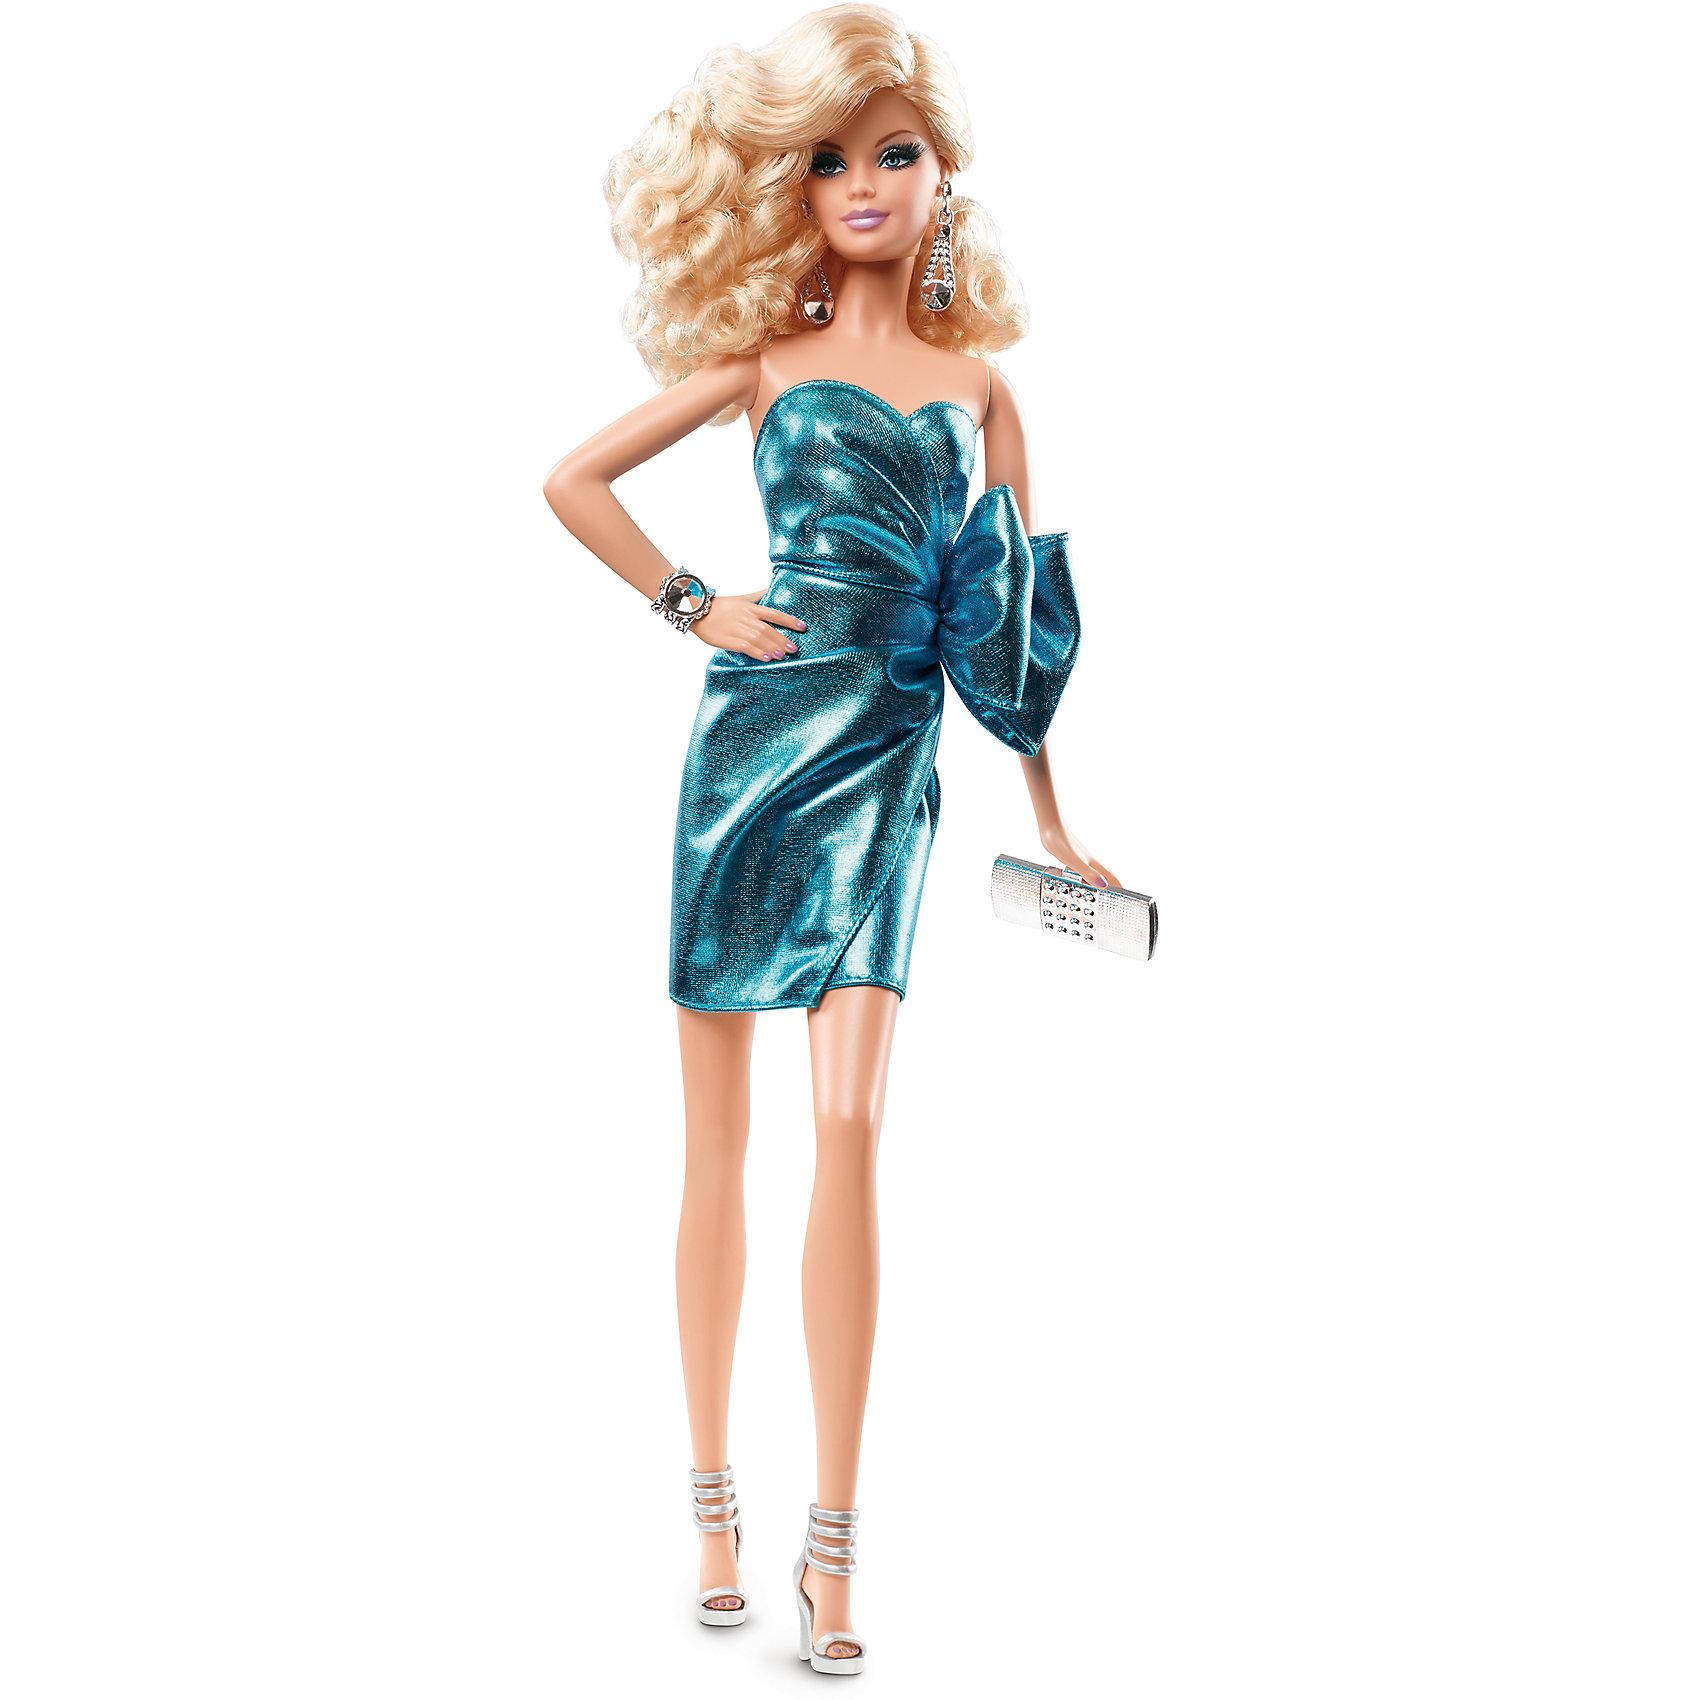 Коллекционная кукла Городской блеск, Barbie